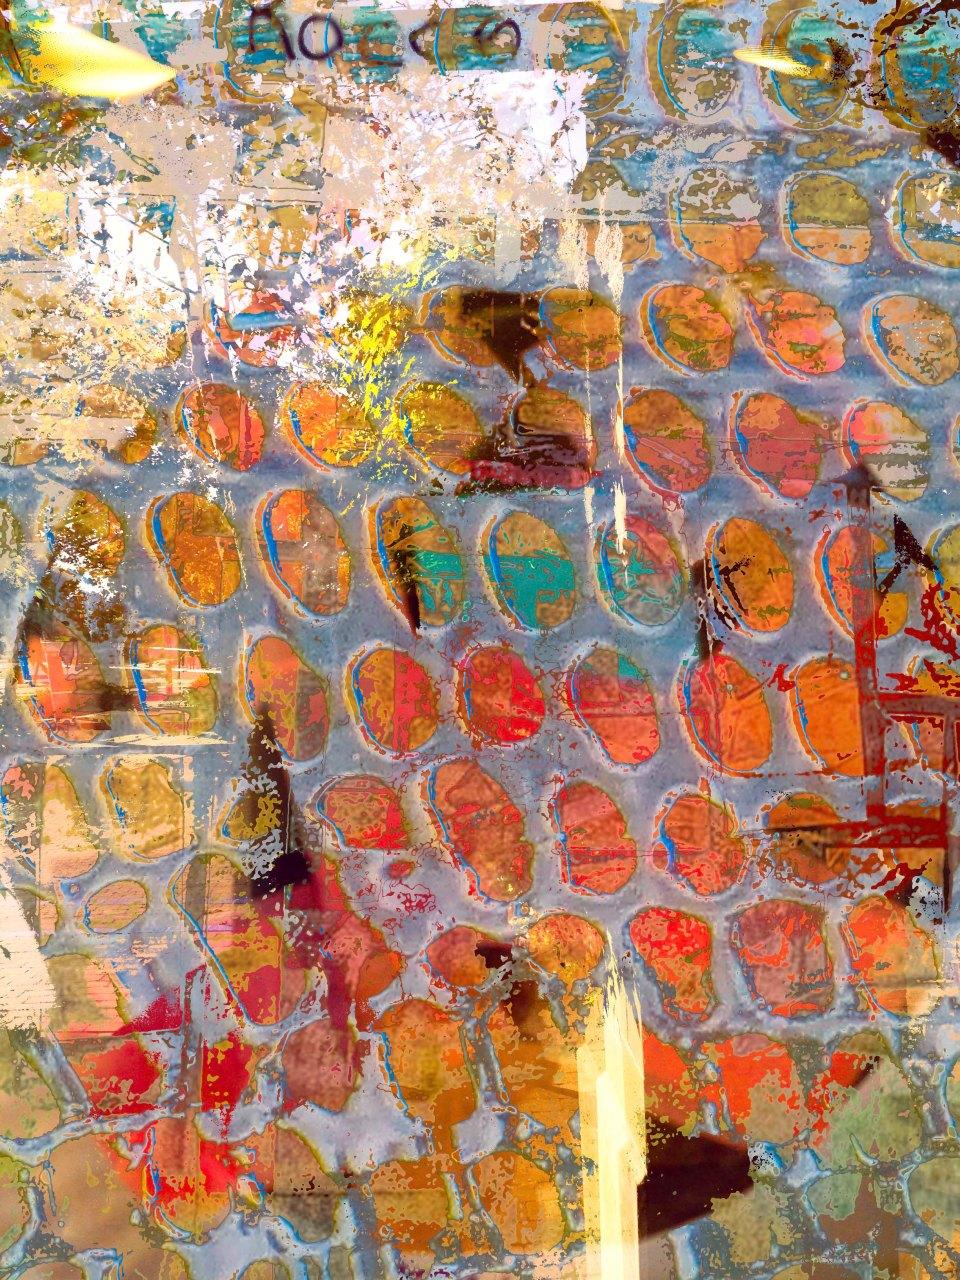 abstractcrirccolor223.jpg